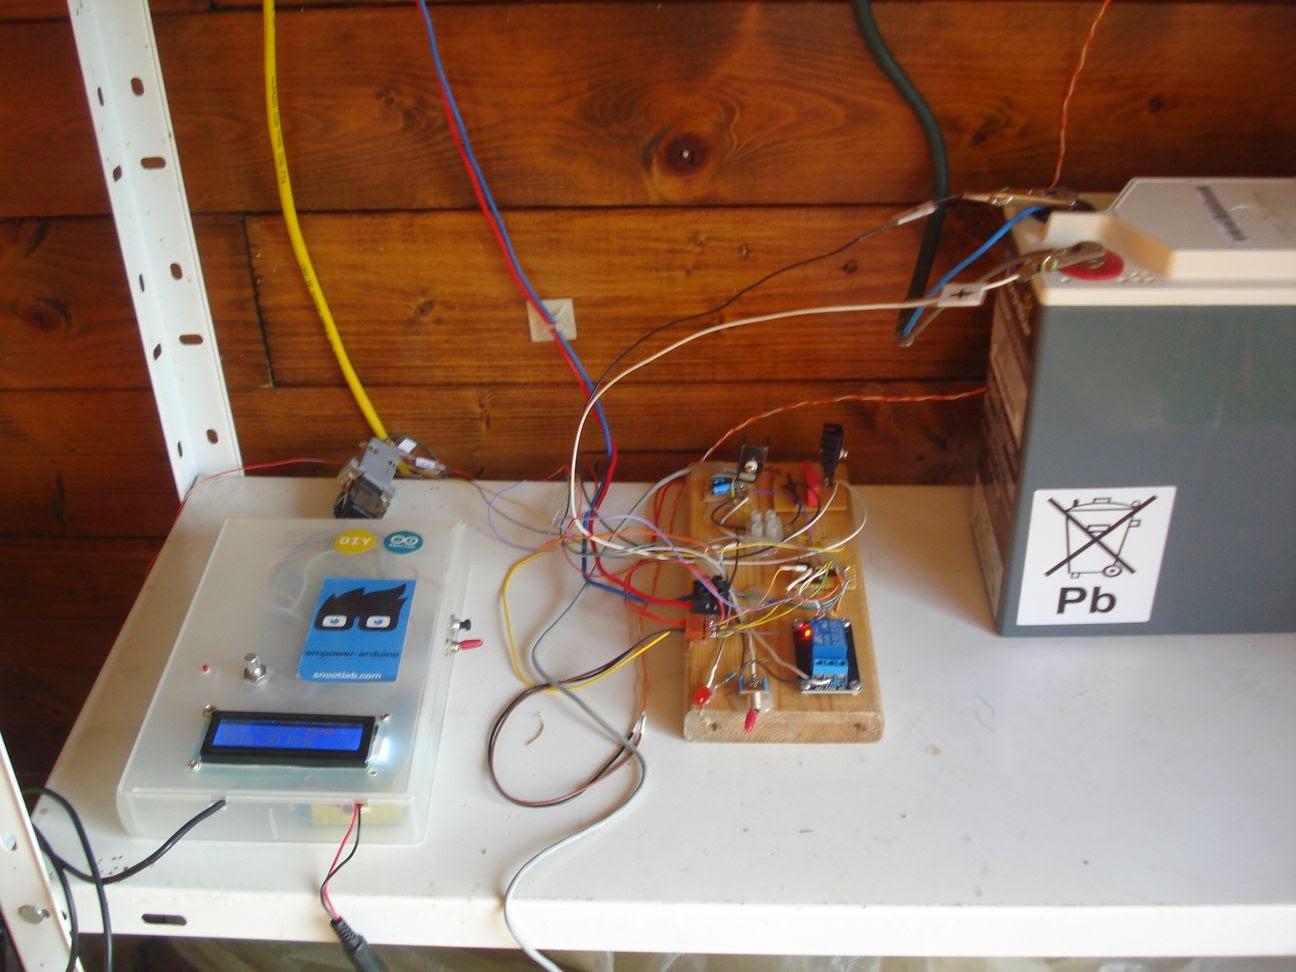 pompe arrosage arduino